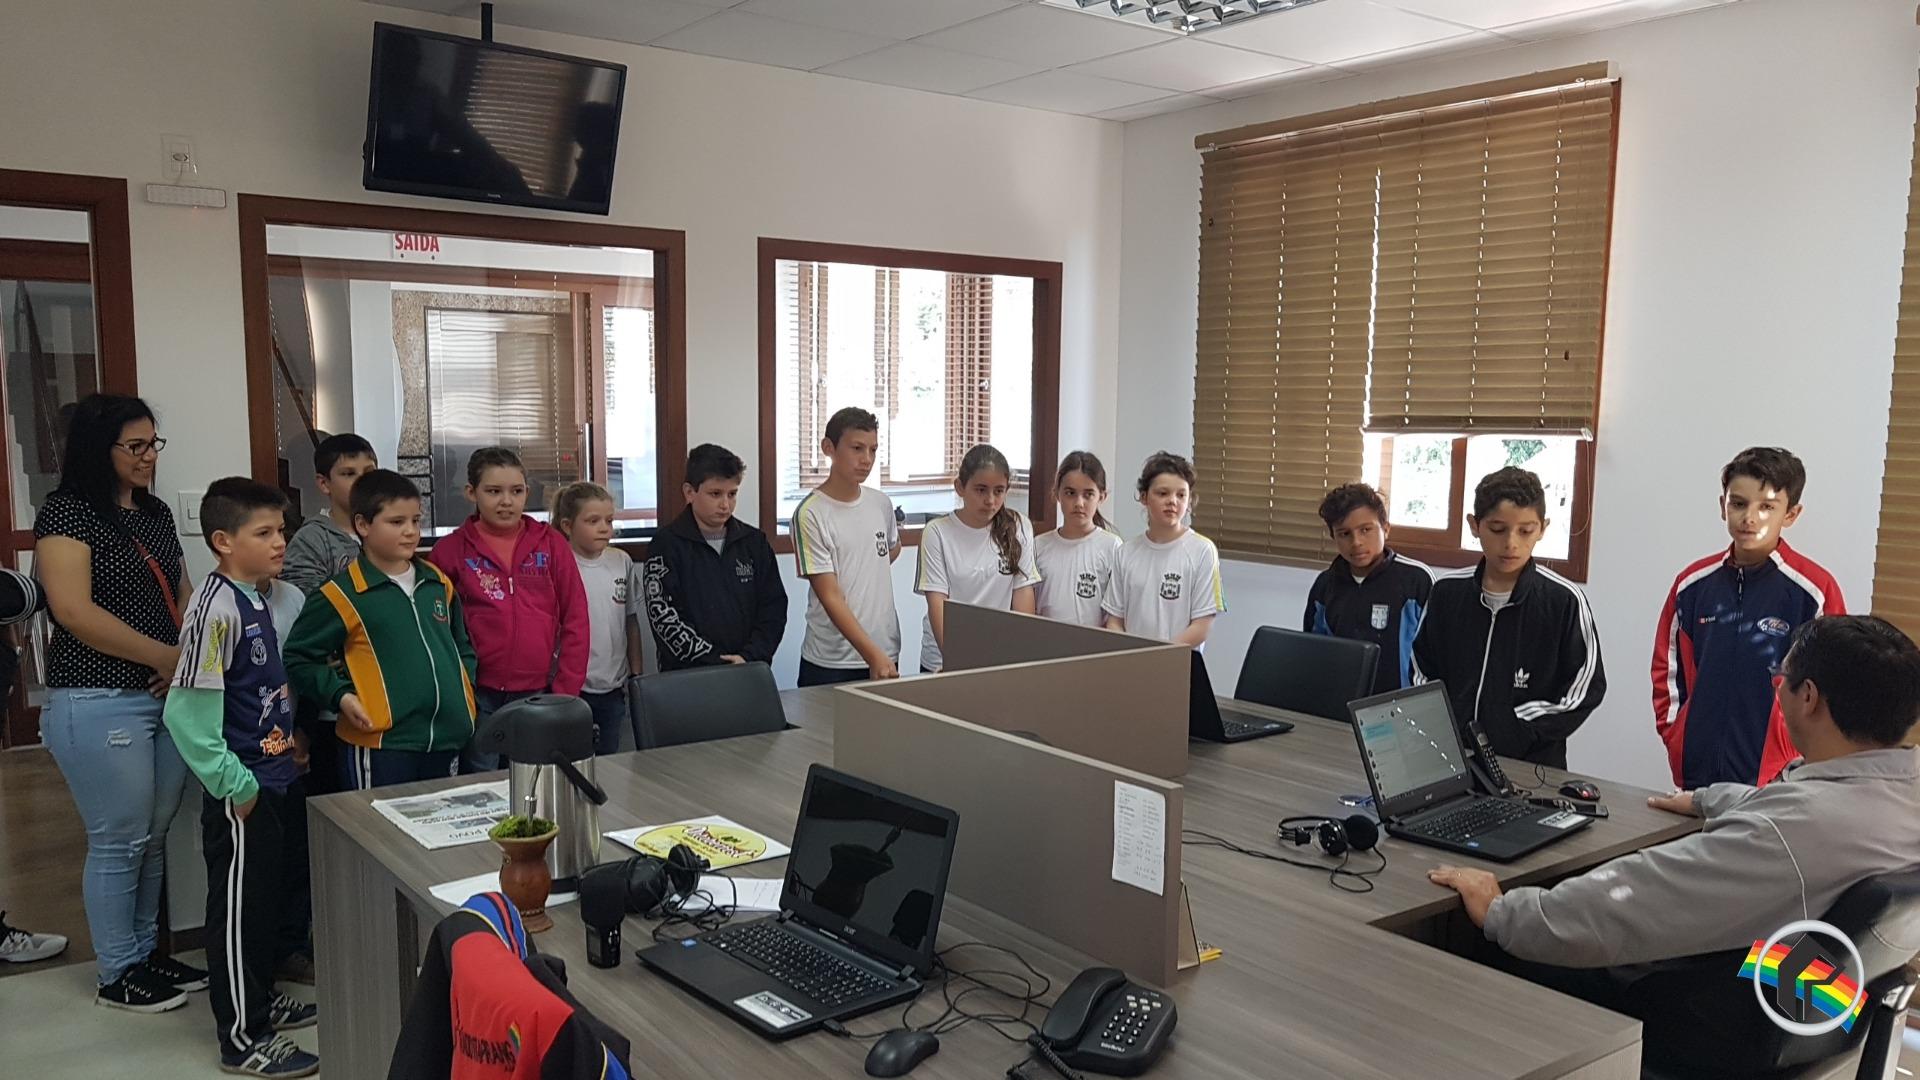 Alunos de escola de Tunápolis visitam a Rádio Itapiranga